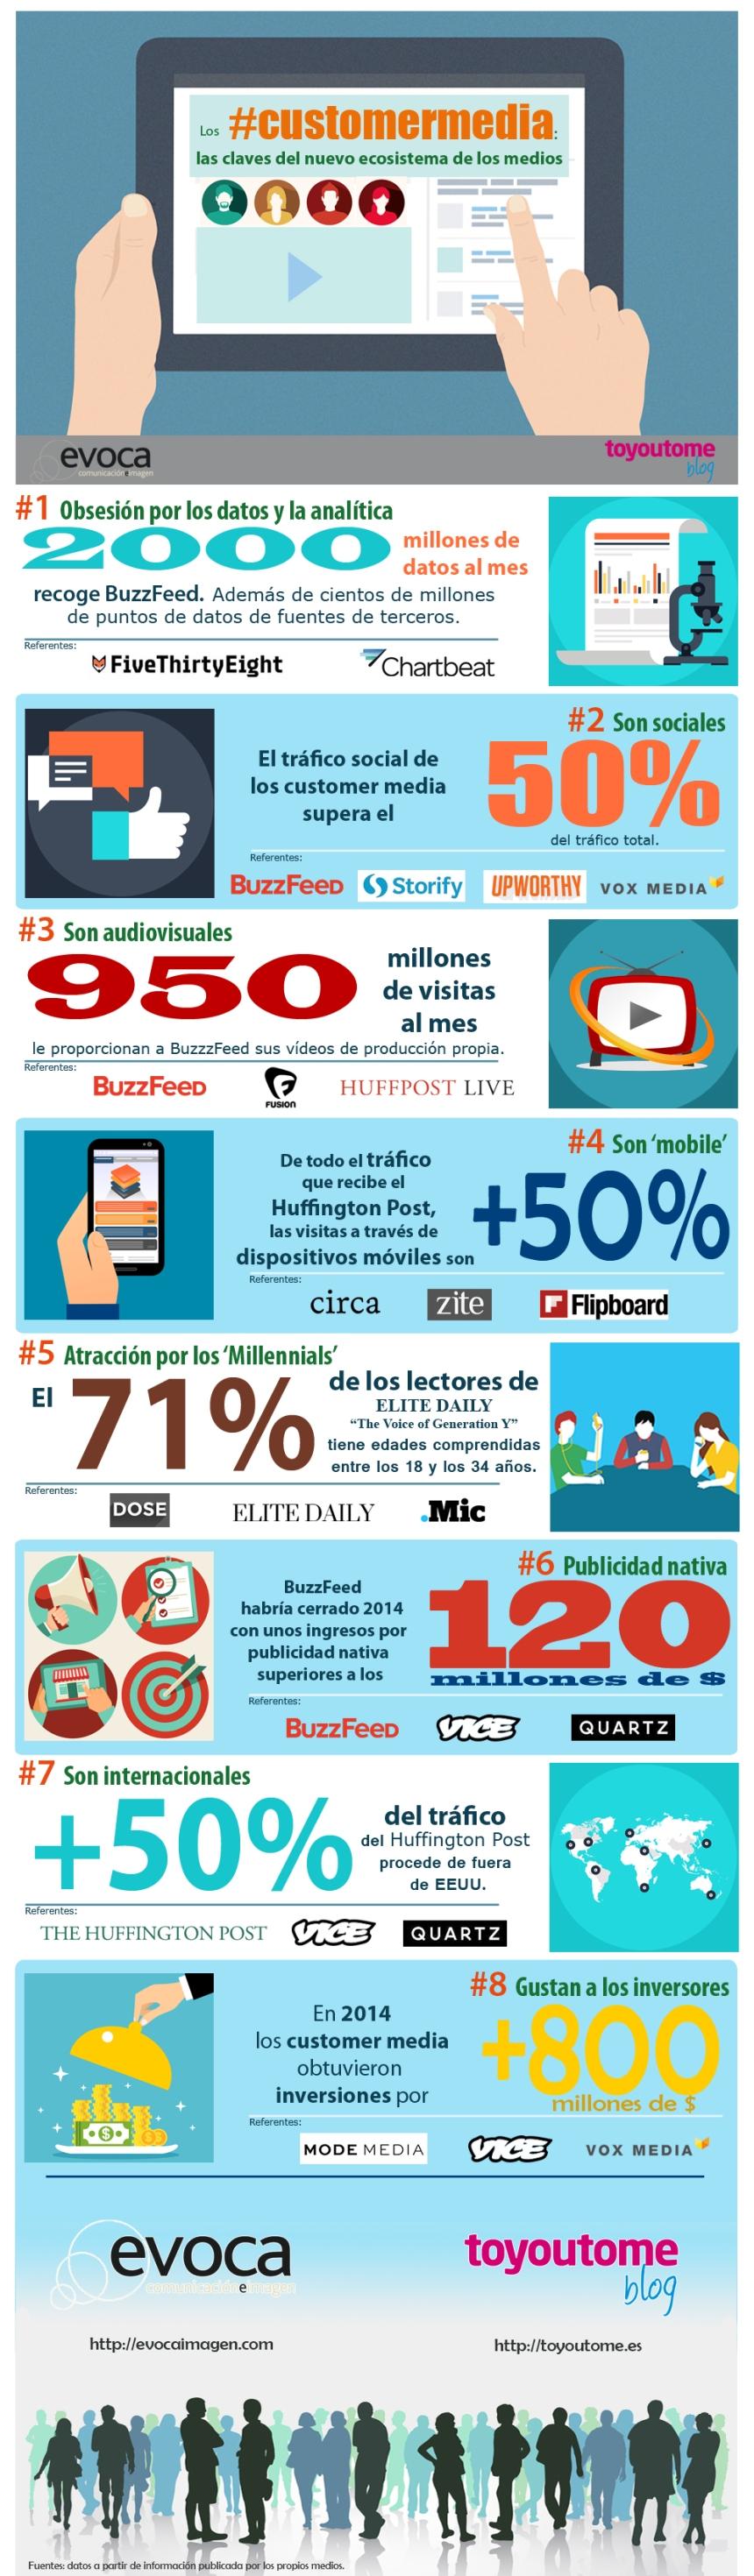 Los #CustomerMedia: claves del nuevo ecosistema de Medios